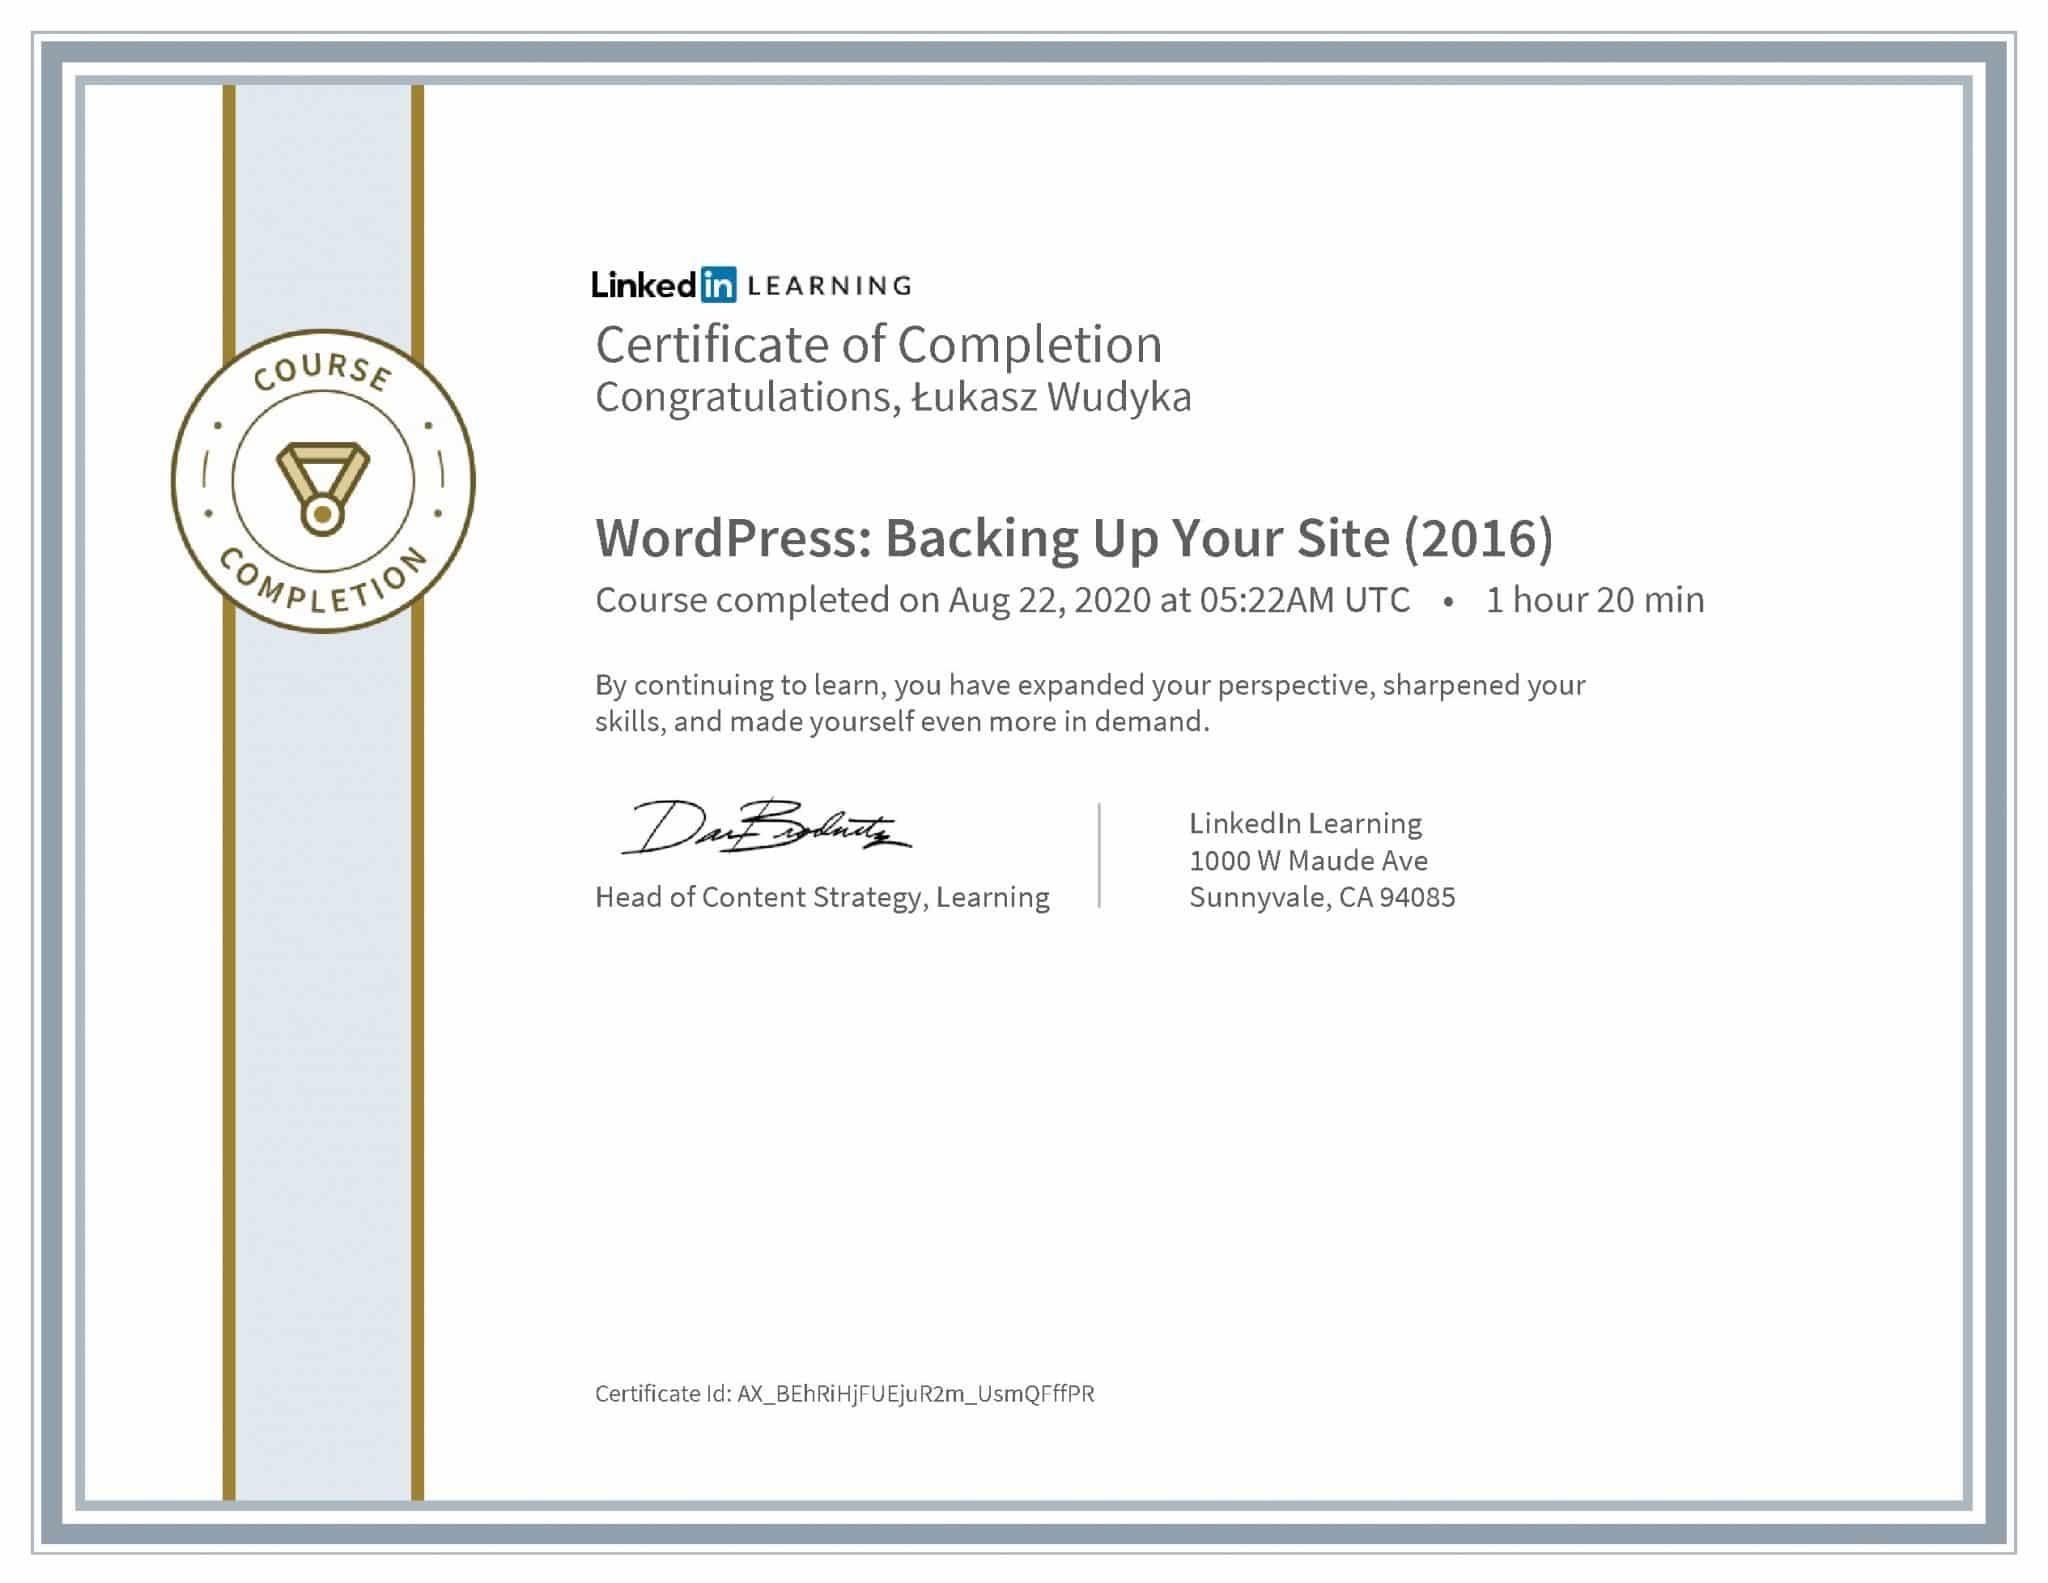 Łukasz Wudyka certyfikat LinkedIn WordPress: Backing Up Your Site (2016)